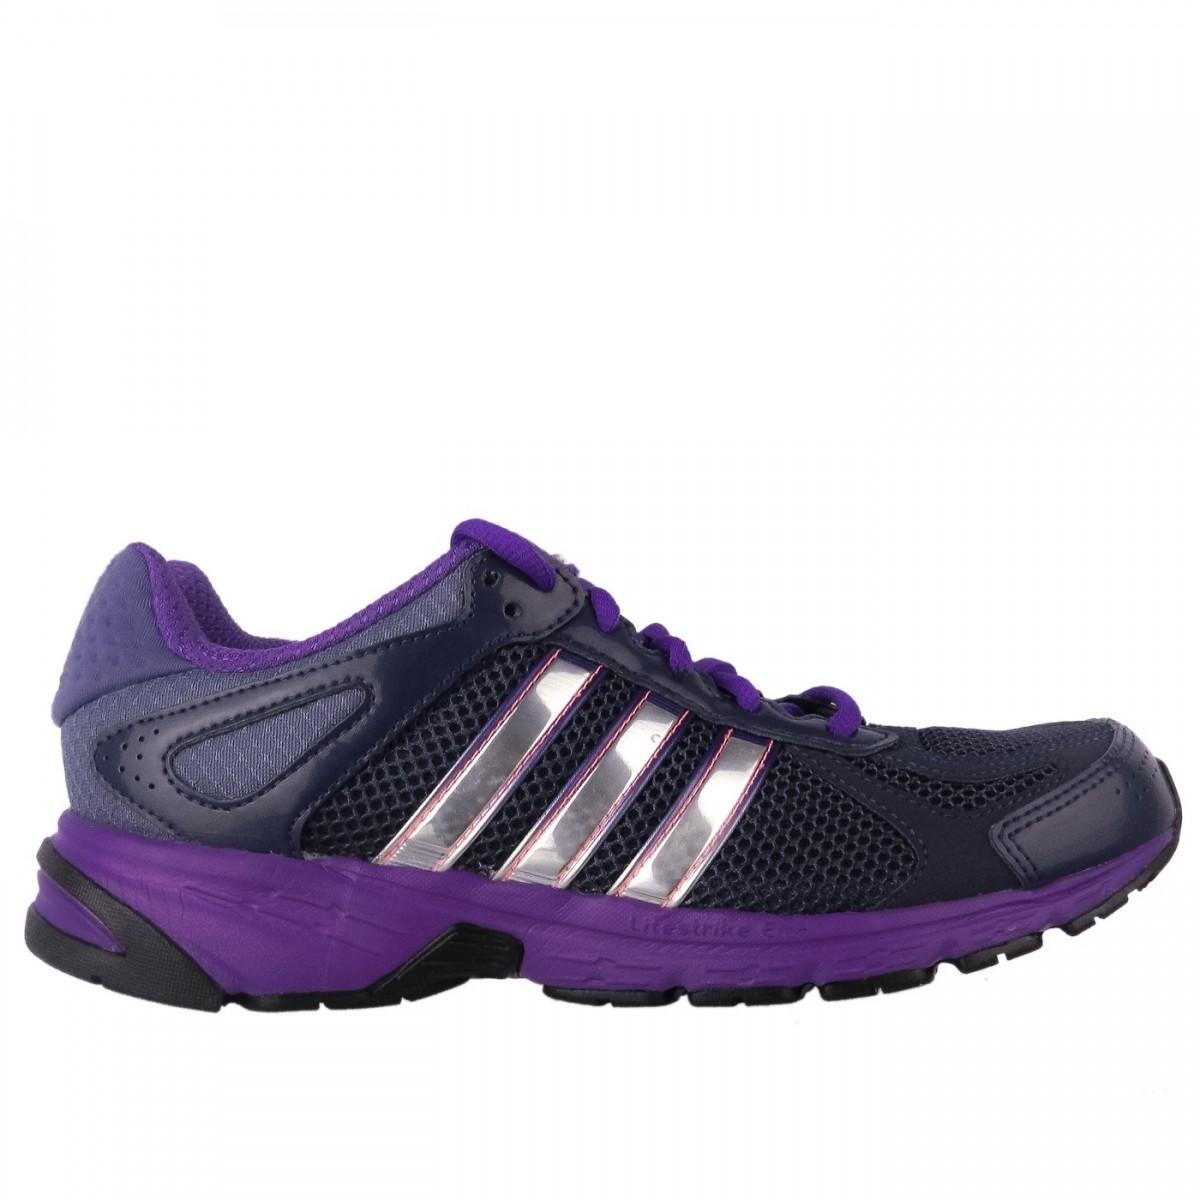 3e22cc90e Bizz Store - Tênis Feminino Adidas Duramo 5W Para Corrida Lilás